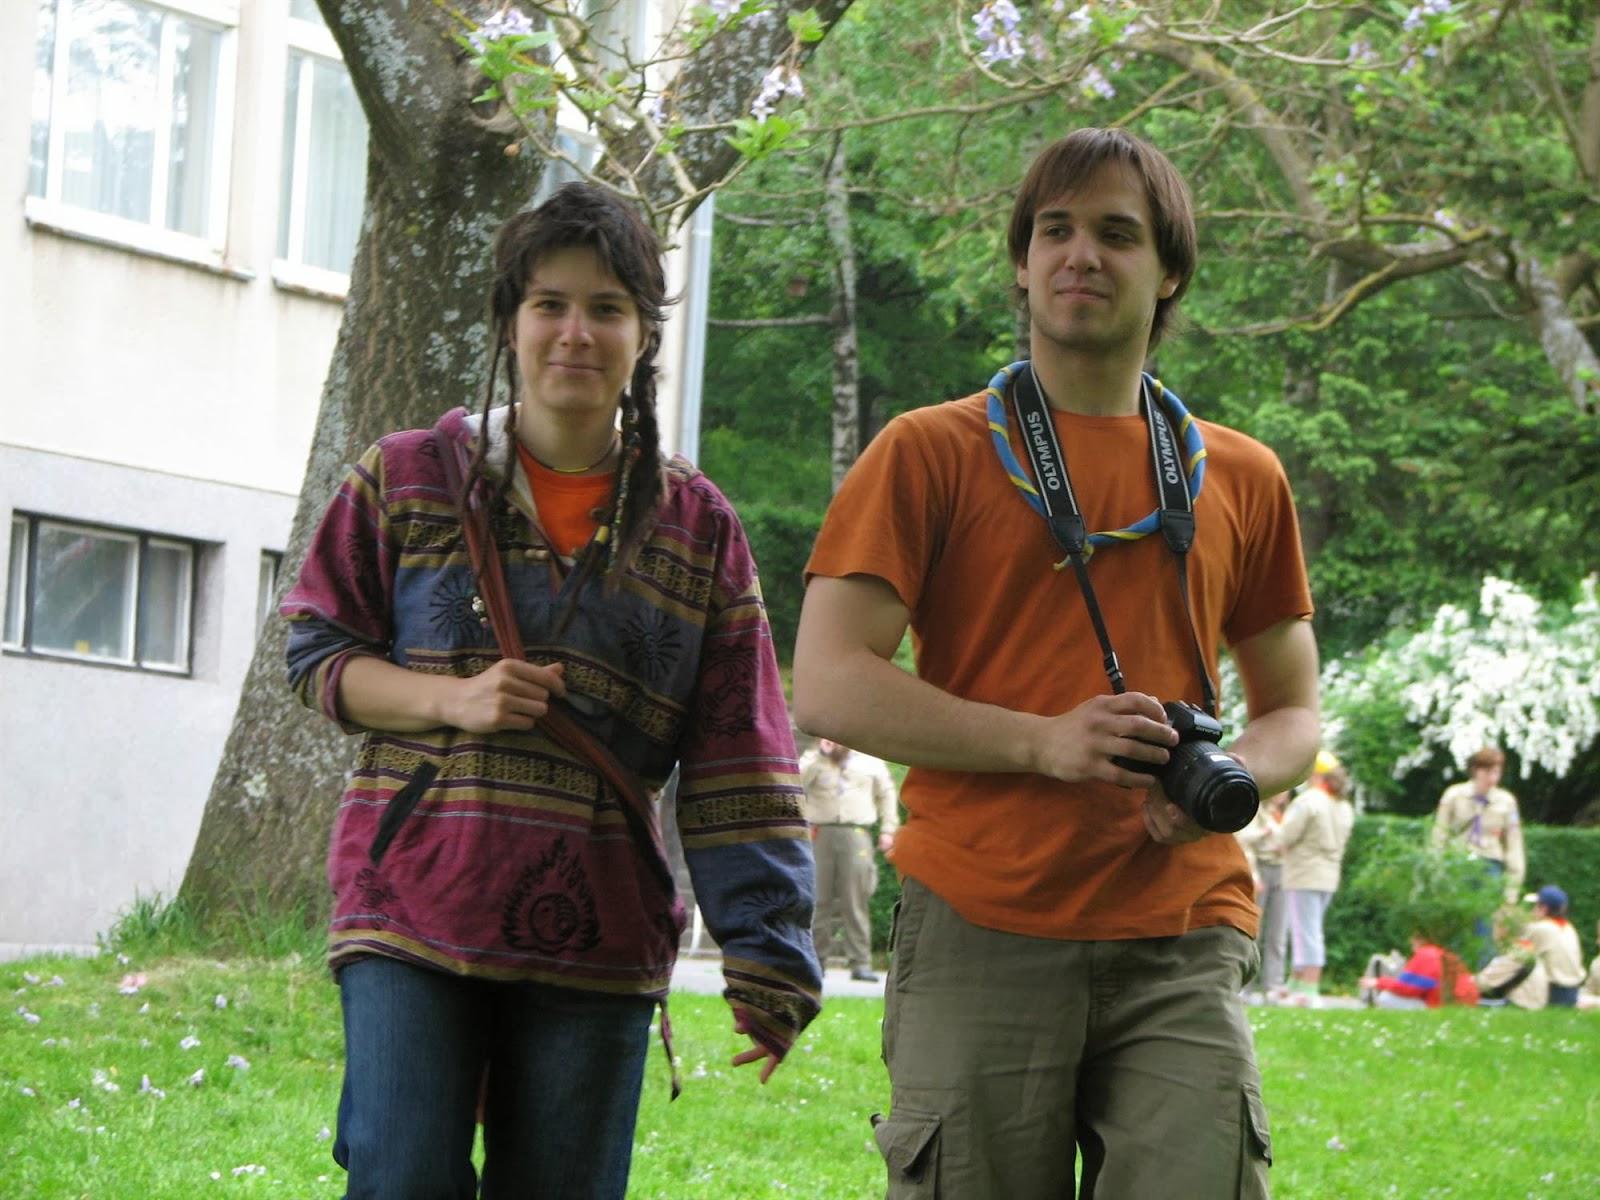 Področni mnogoboj MČ, Ilirska Bistrica 2006 - pics%2B085.jpg